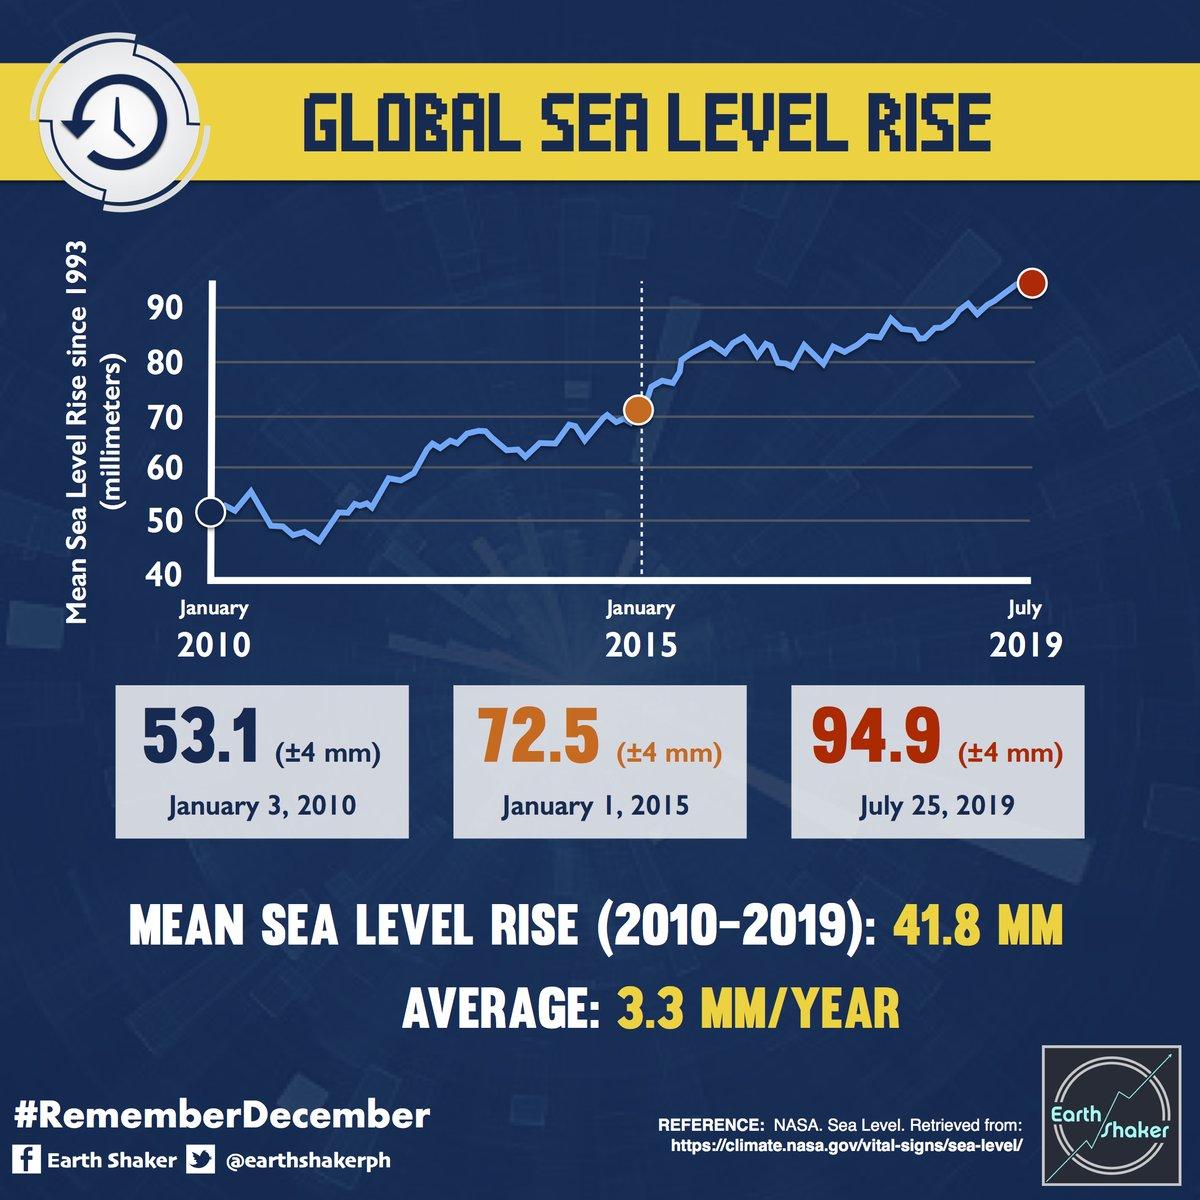 photo:Eart Shaker;desc:NASA Sea Level;